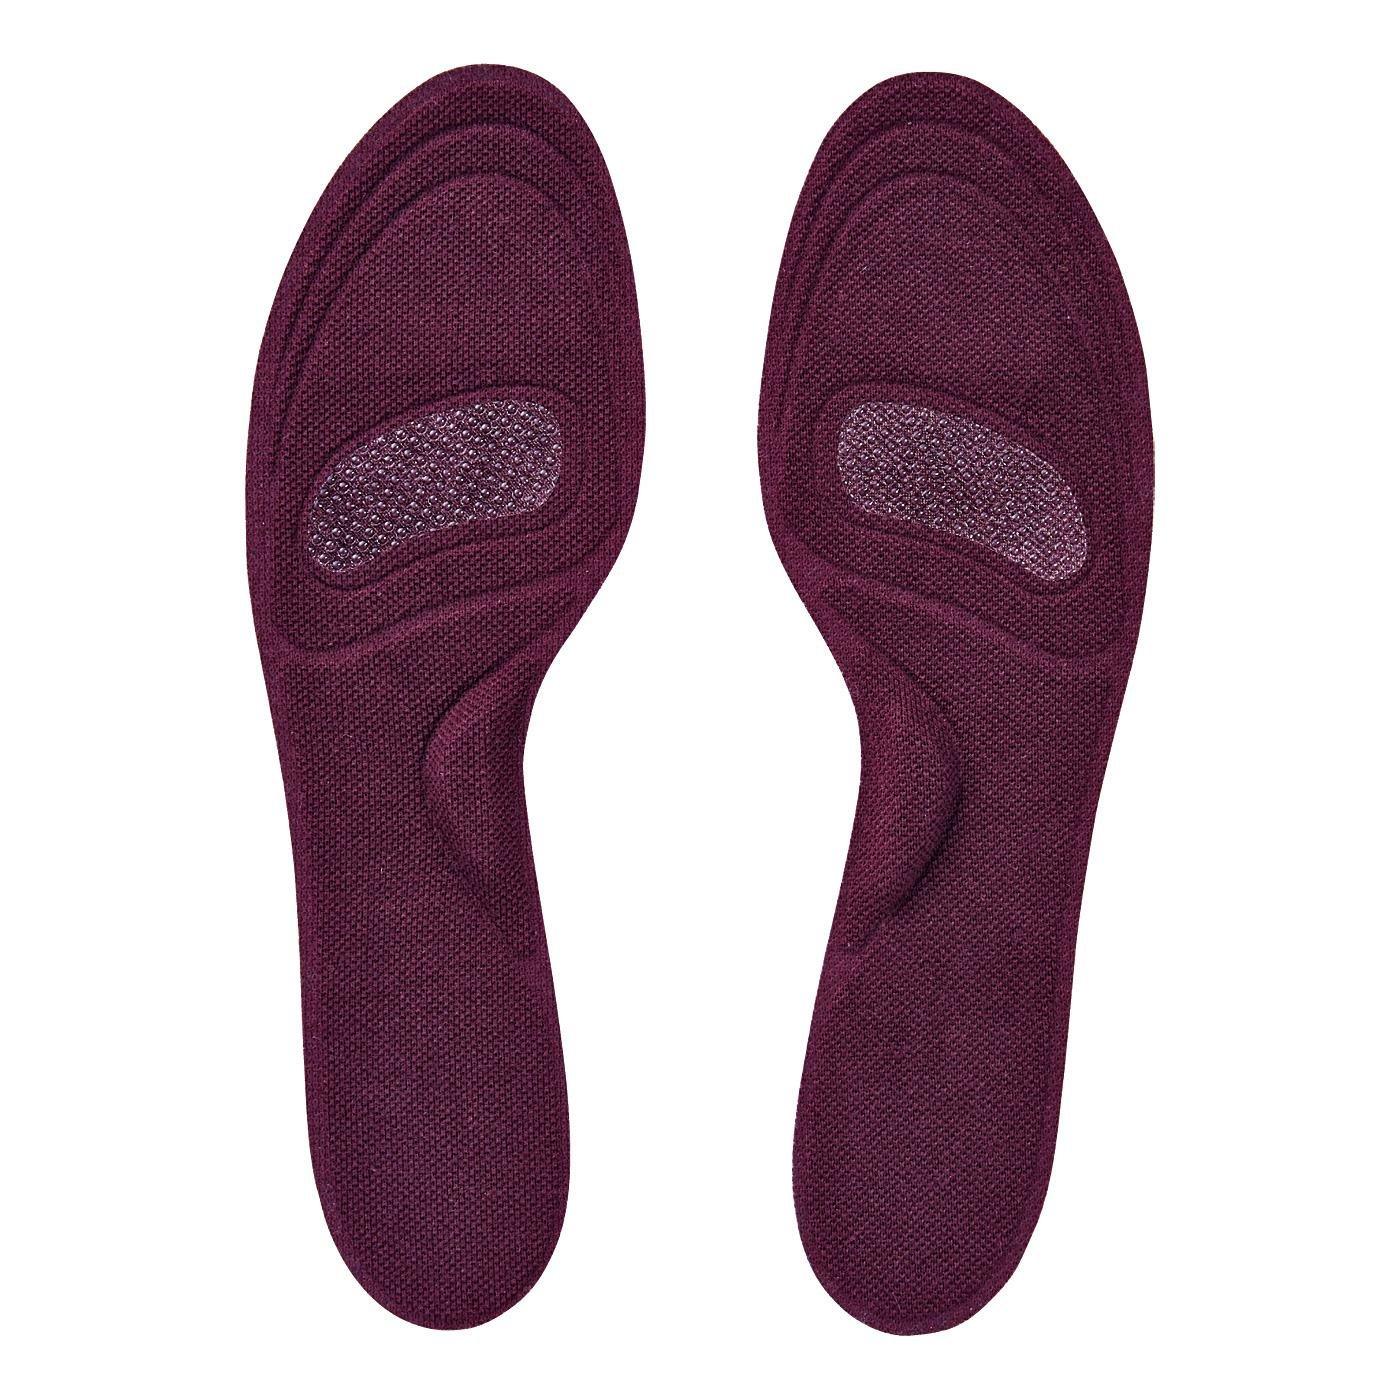 足裏さらり快適!上品カラーで靴を脱いでも安心なシール付き薄型インソールの会